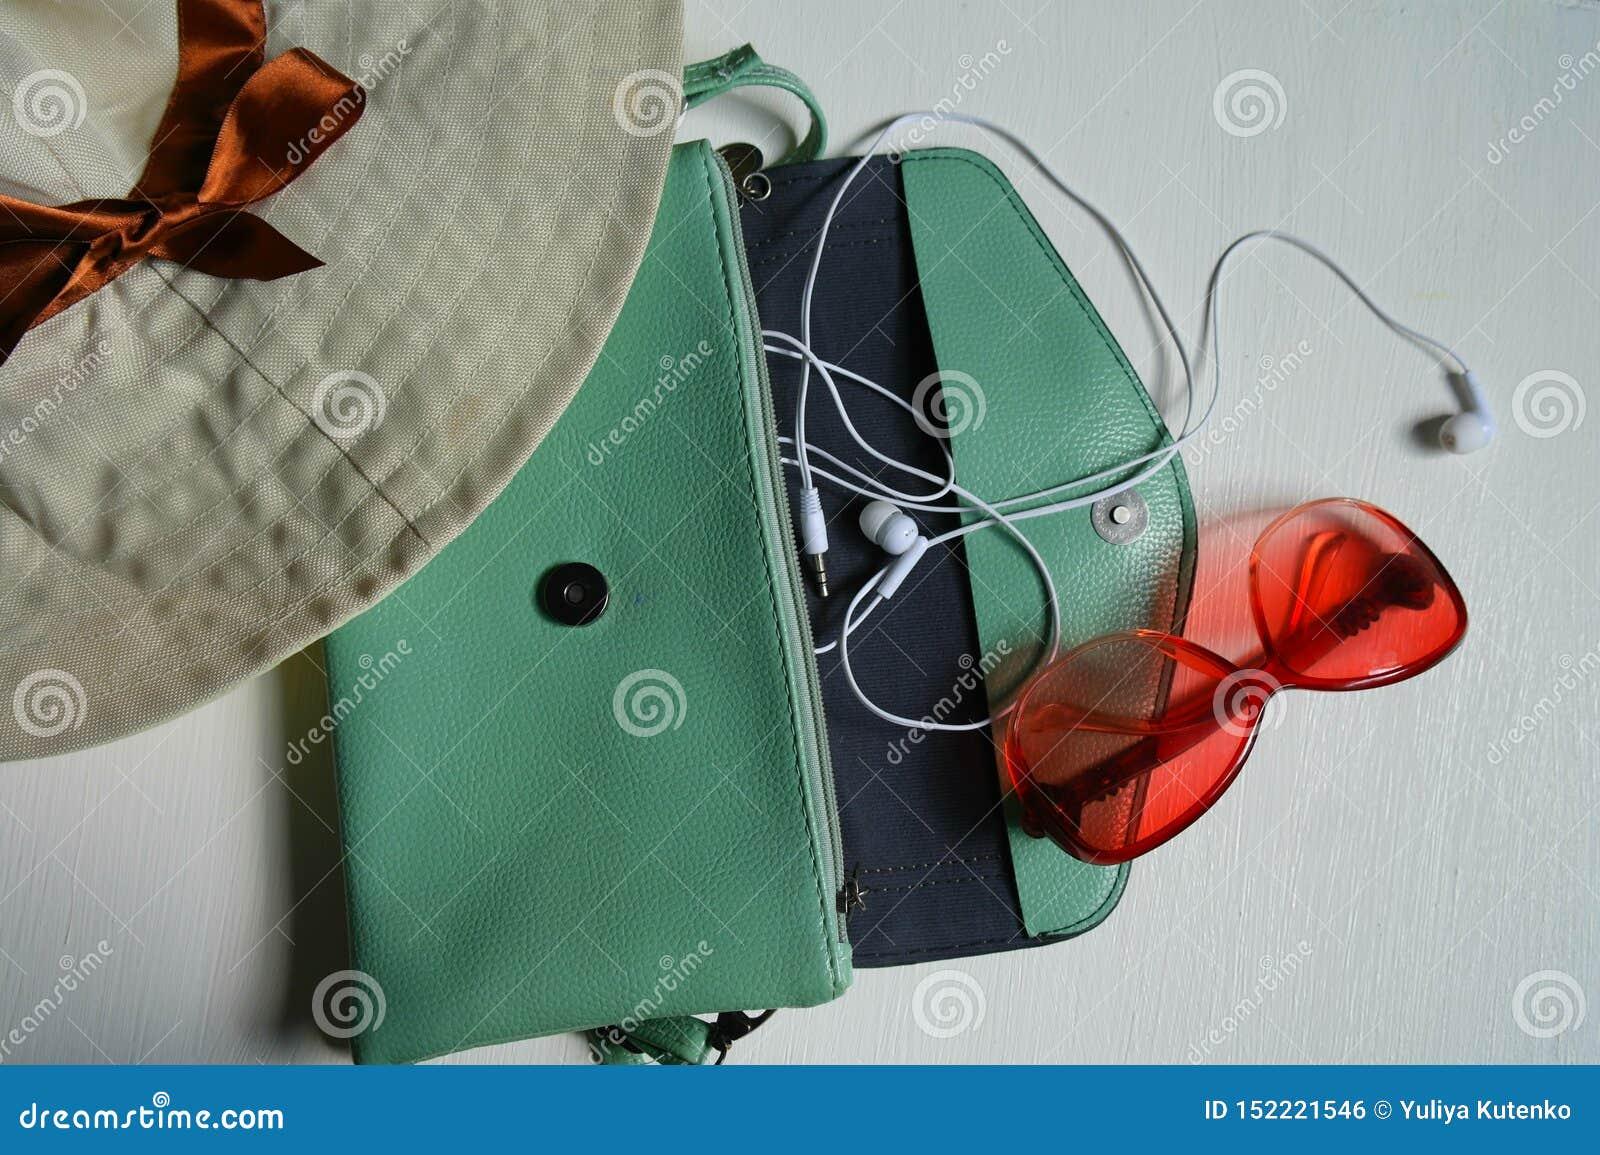 Hatt handväska, hörlurar, exponeringsglas på vit bakgrund